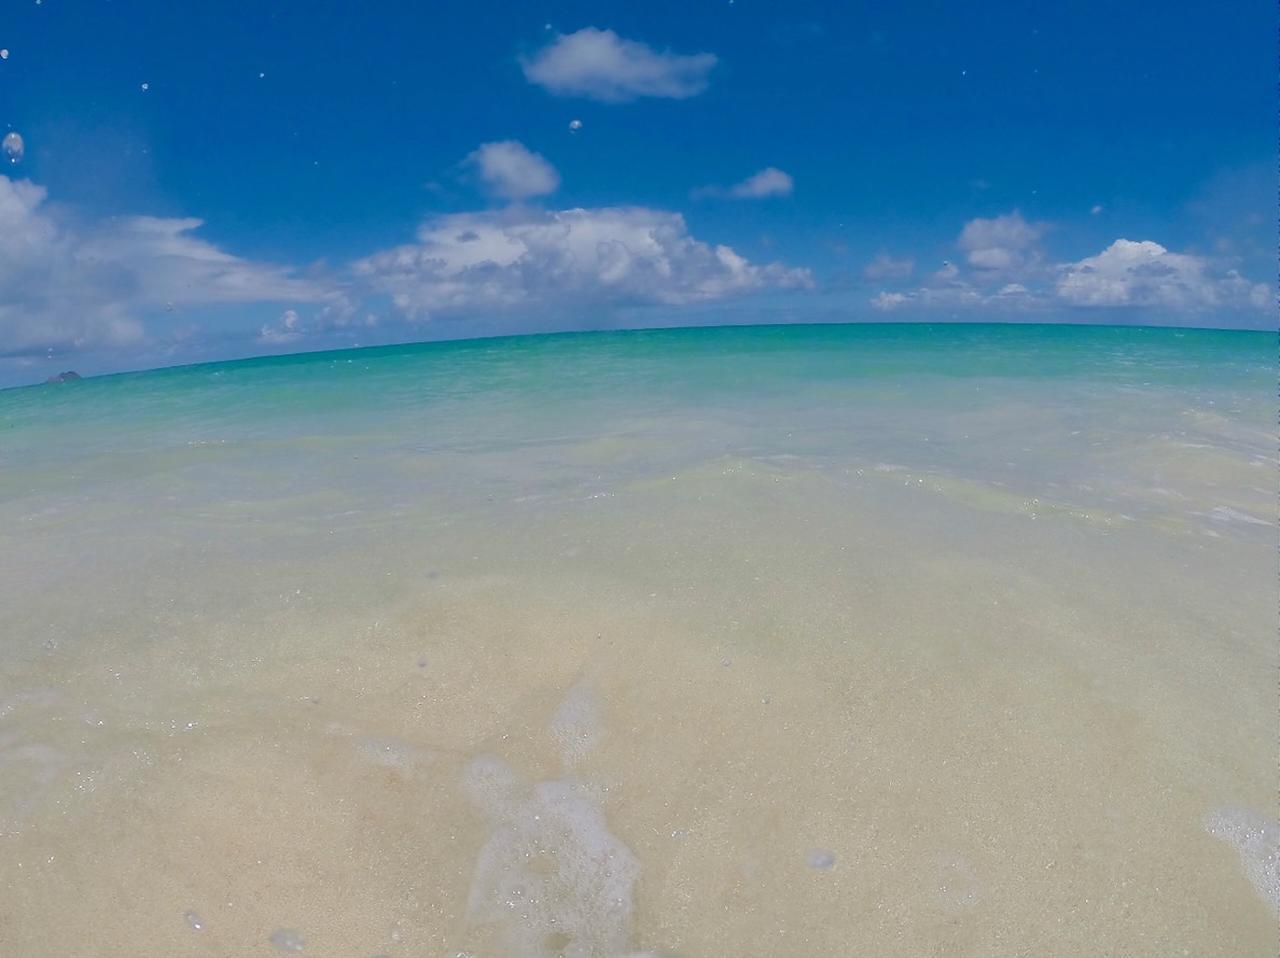 画像5: リスナーさんハワイ旅行記